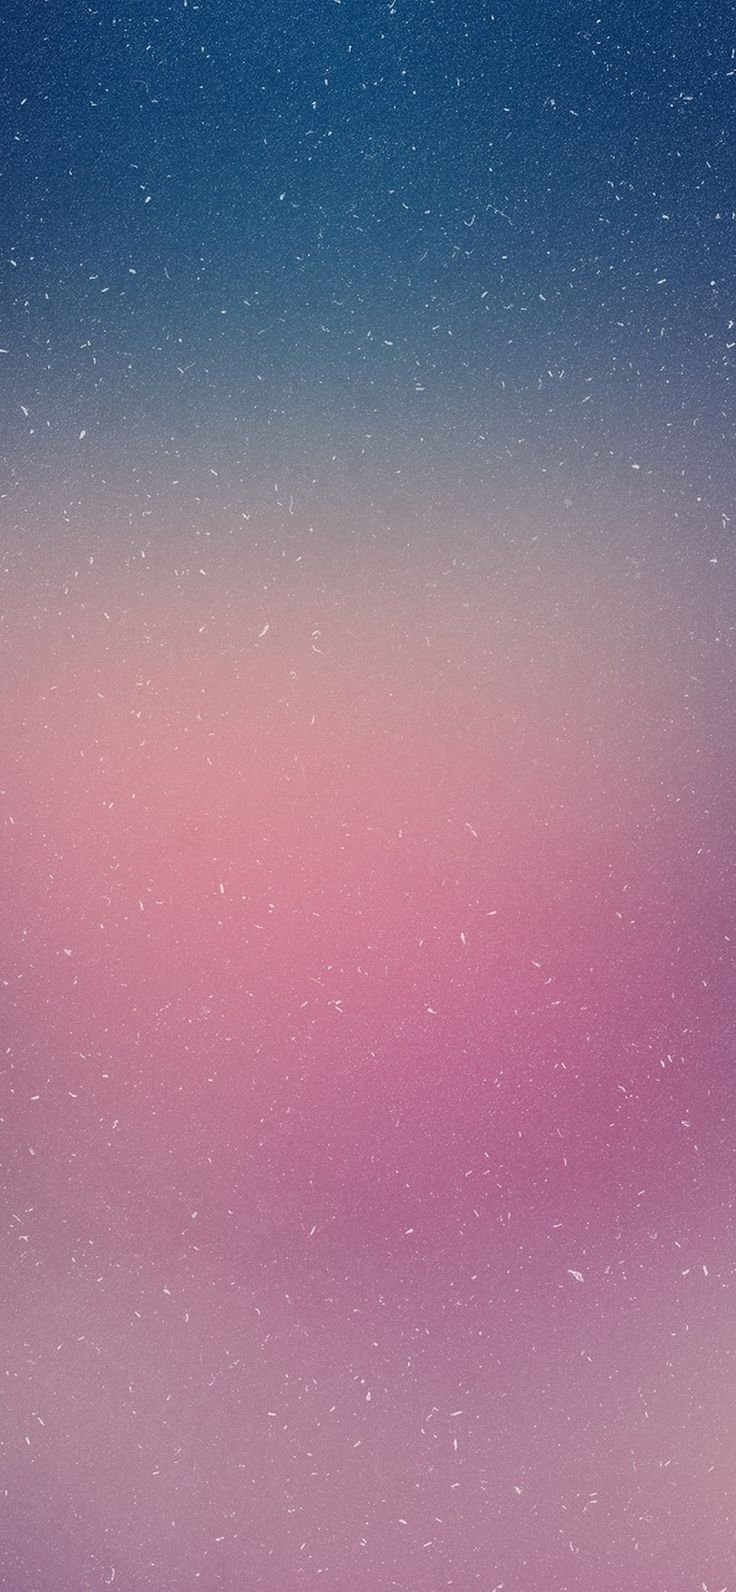 Iphone Xr Blur Vol 1 Wallpaper Blur Fondos Iphone Vol